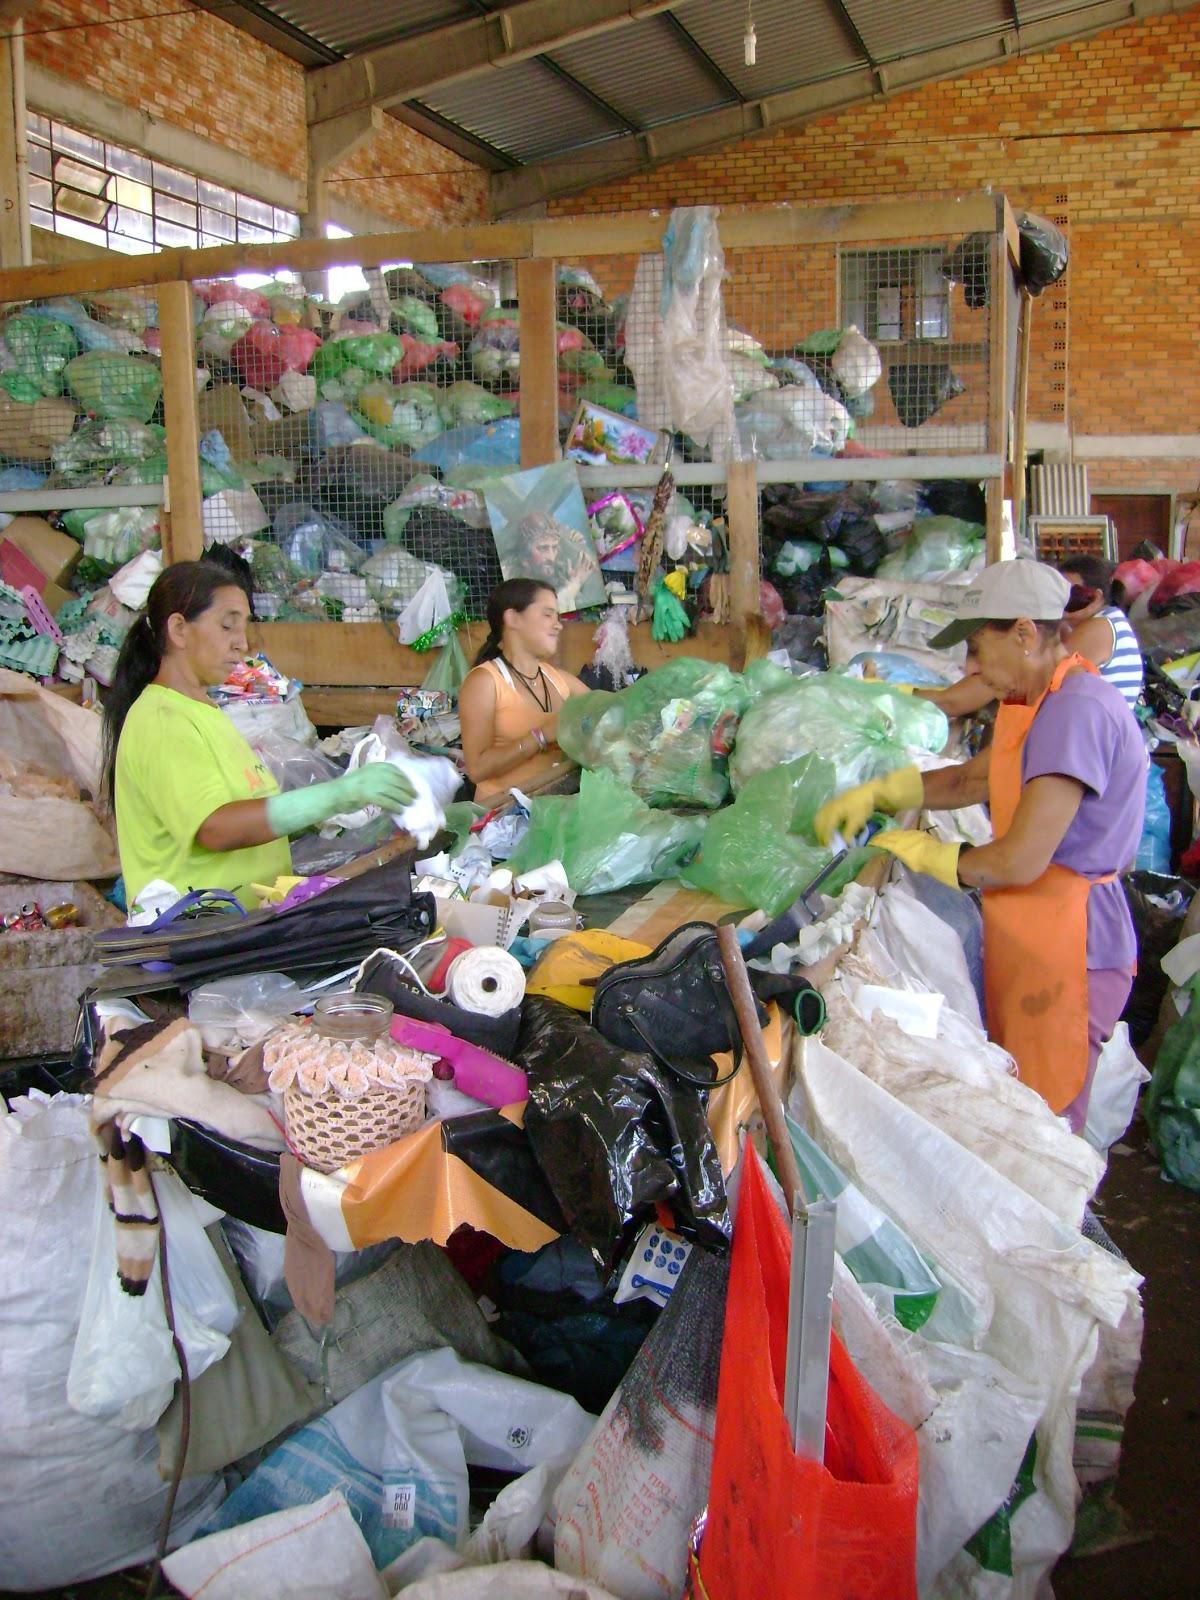 : Associação de reciclagem recolhe resíduos e óleo de cozinha #B1211A 1200 1600